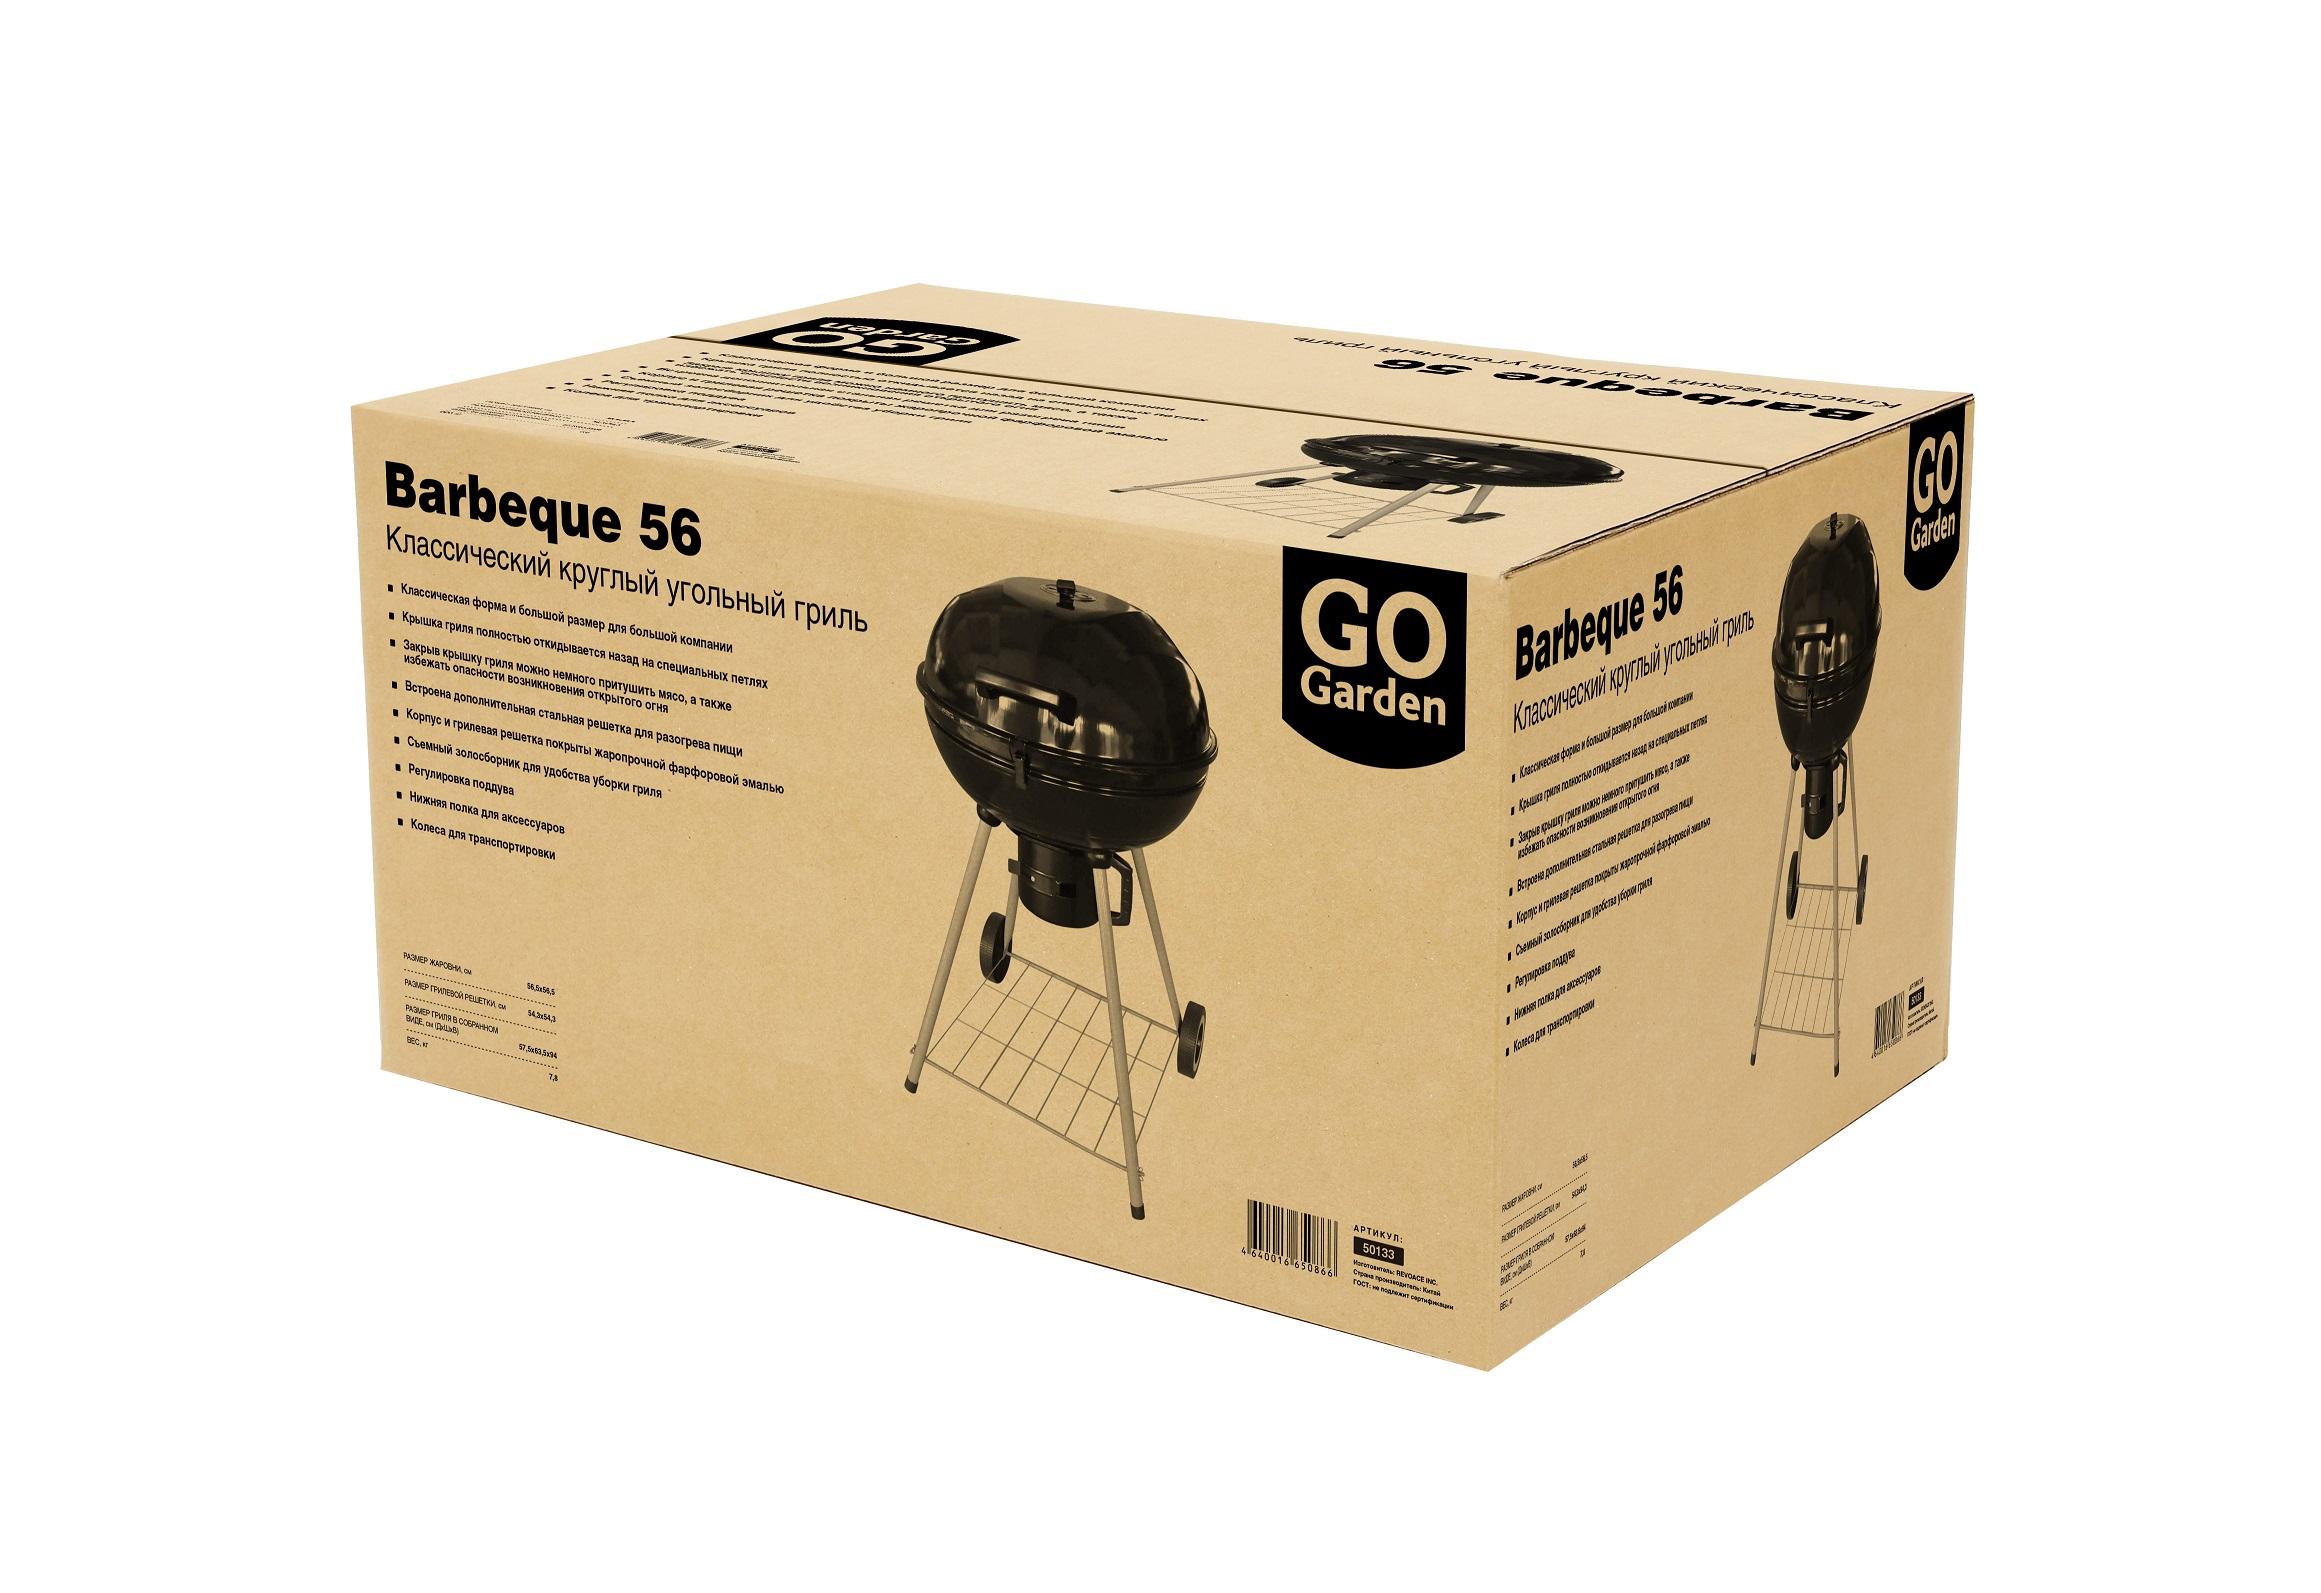 go garden Гриль Go Garden Barbeque 56 (50133)